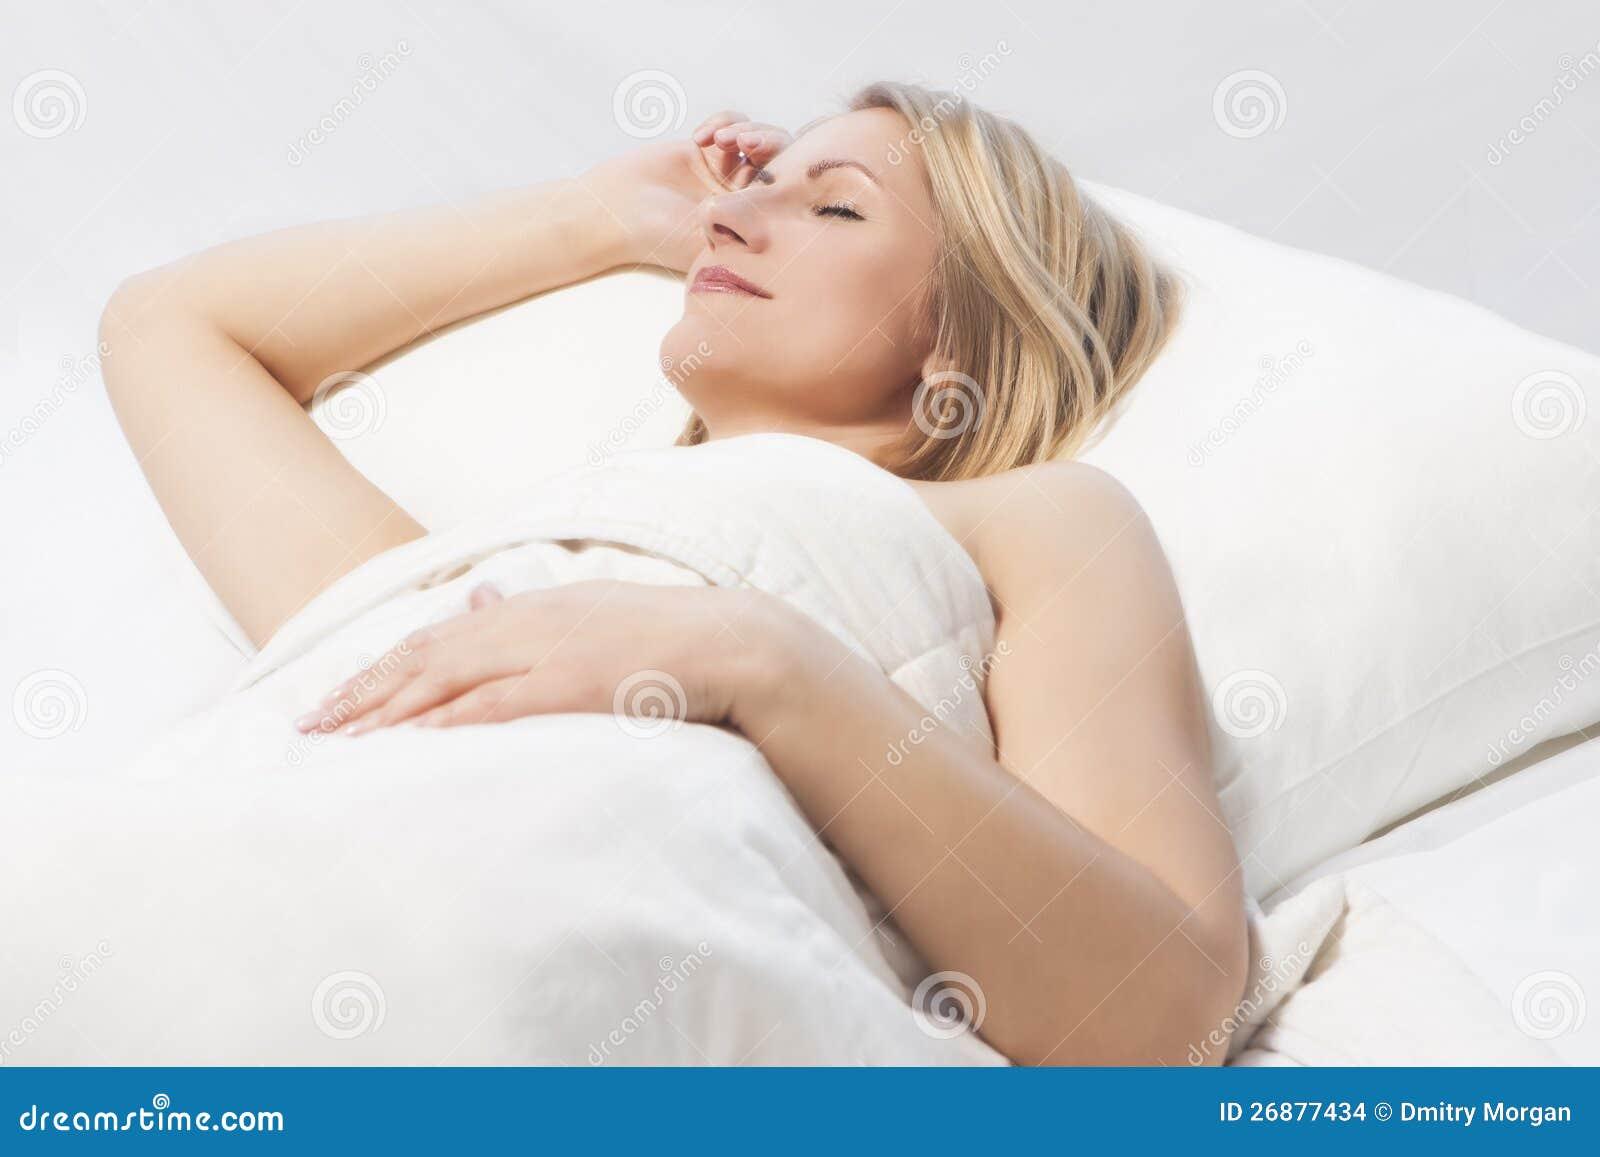 De slaap van de vrouw met een aardige glimlach